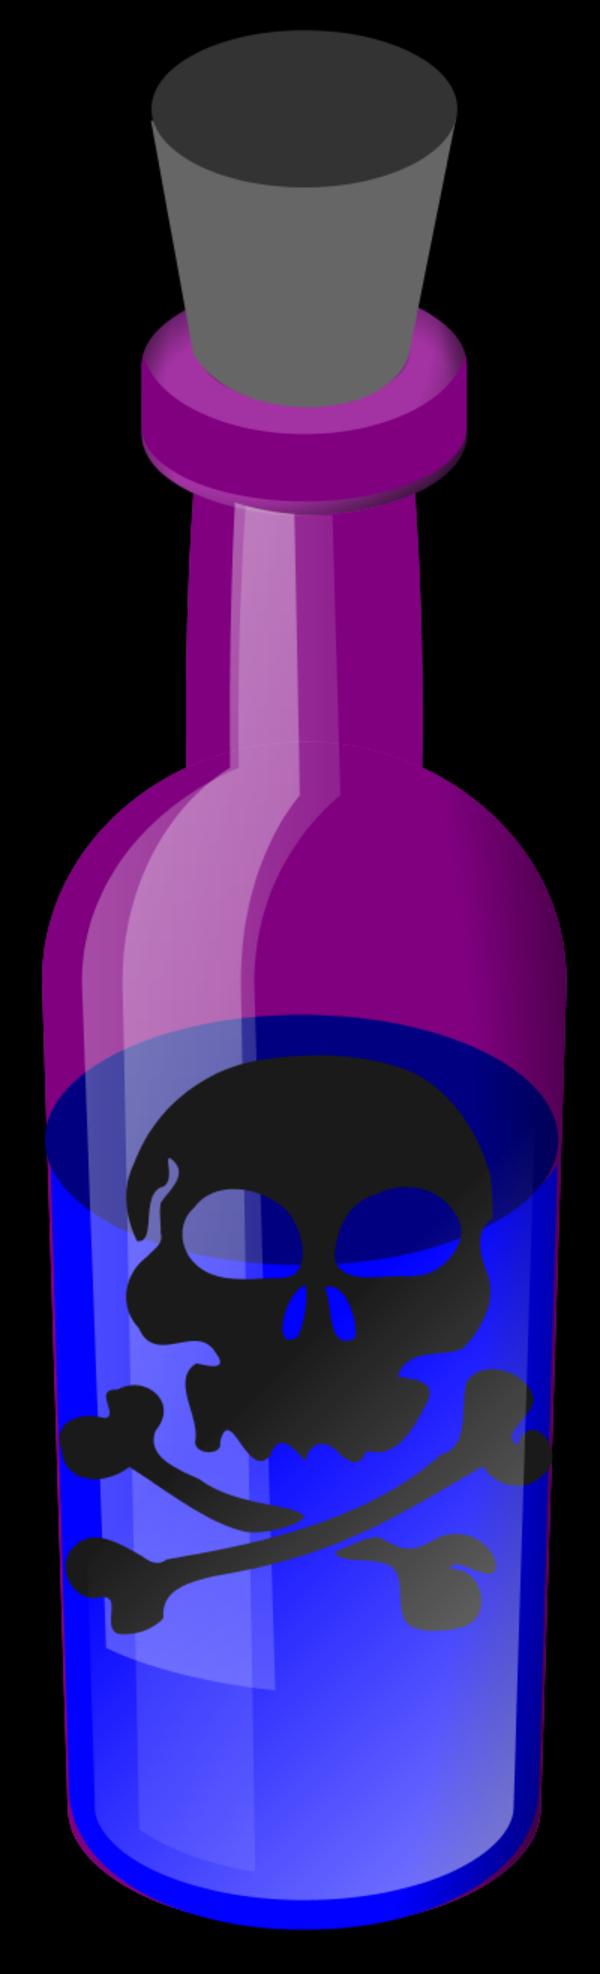 Poison Clipart-Poison Clipart-4